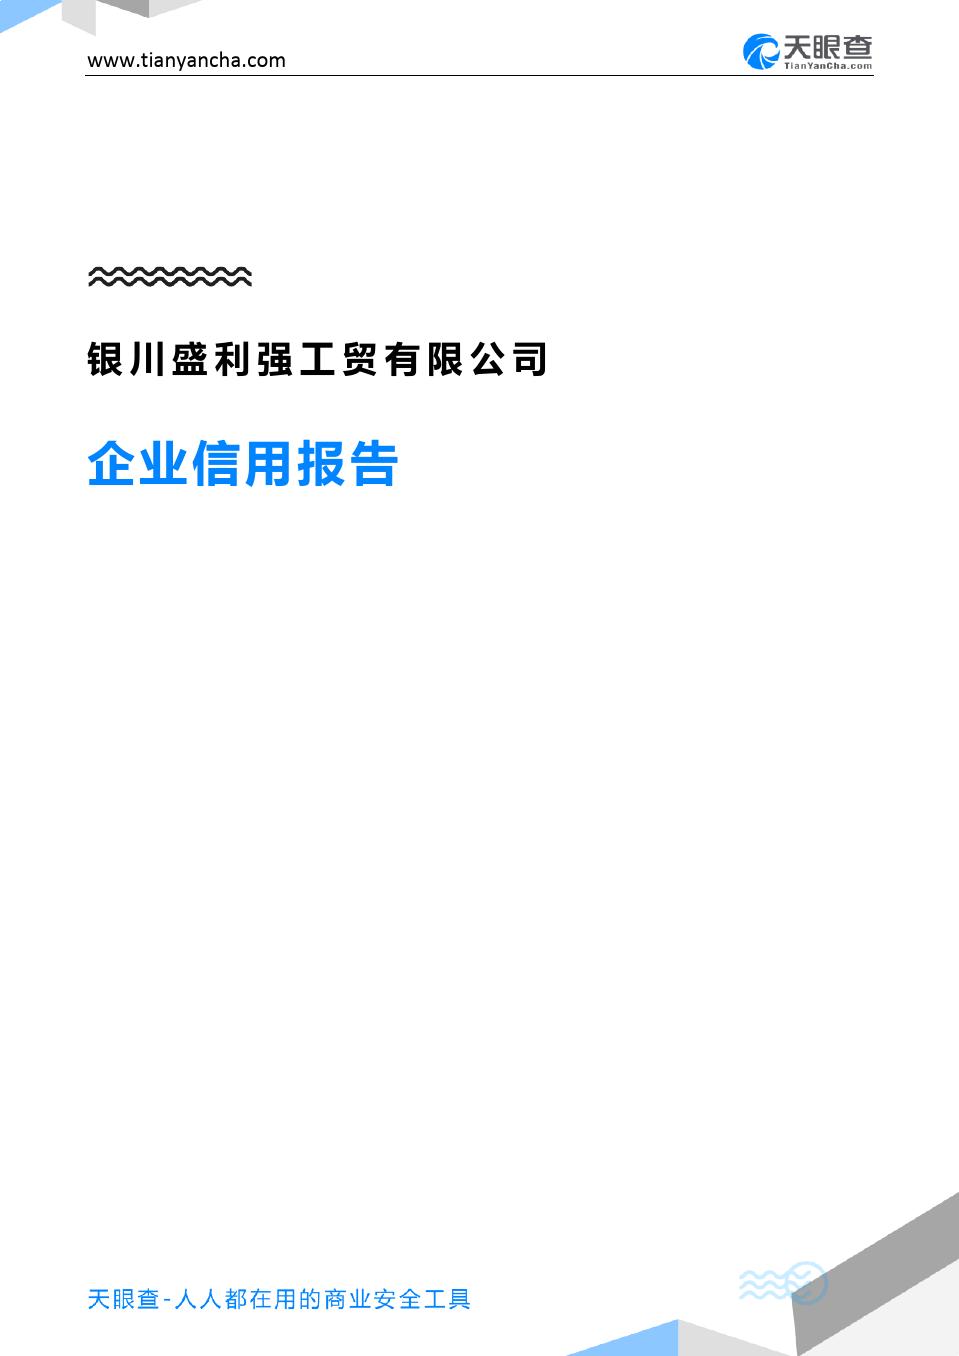 银川盛利强工贸有限公司(企业信用报告)- 天眼查